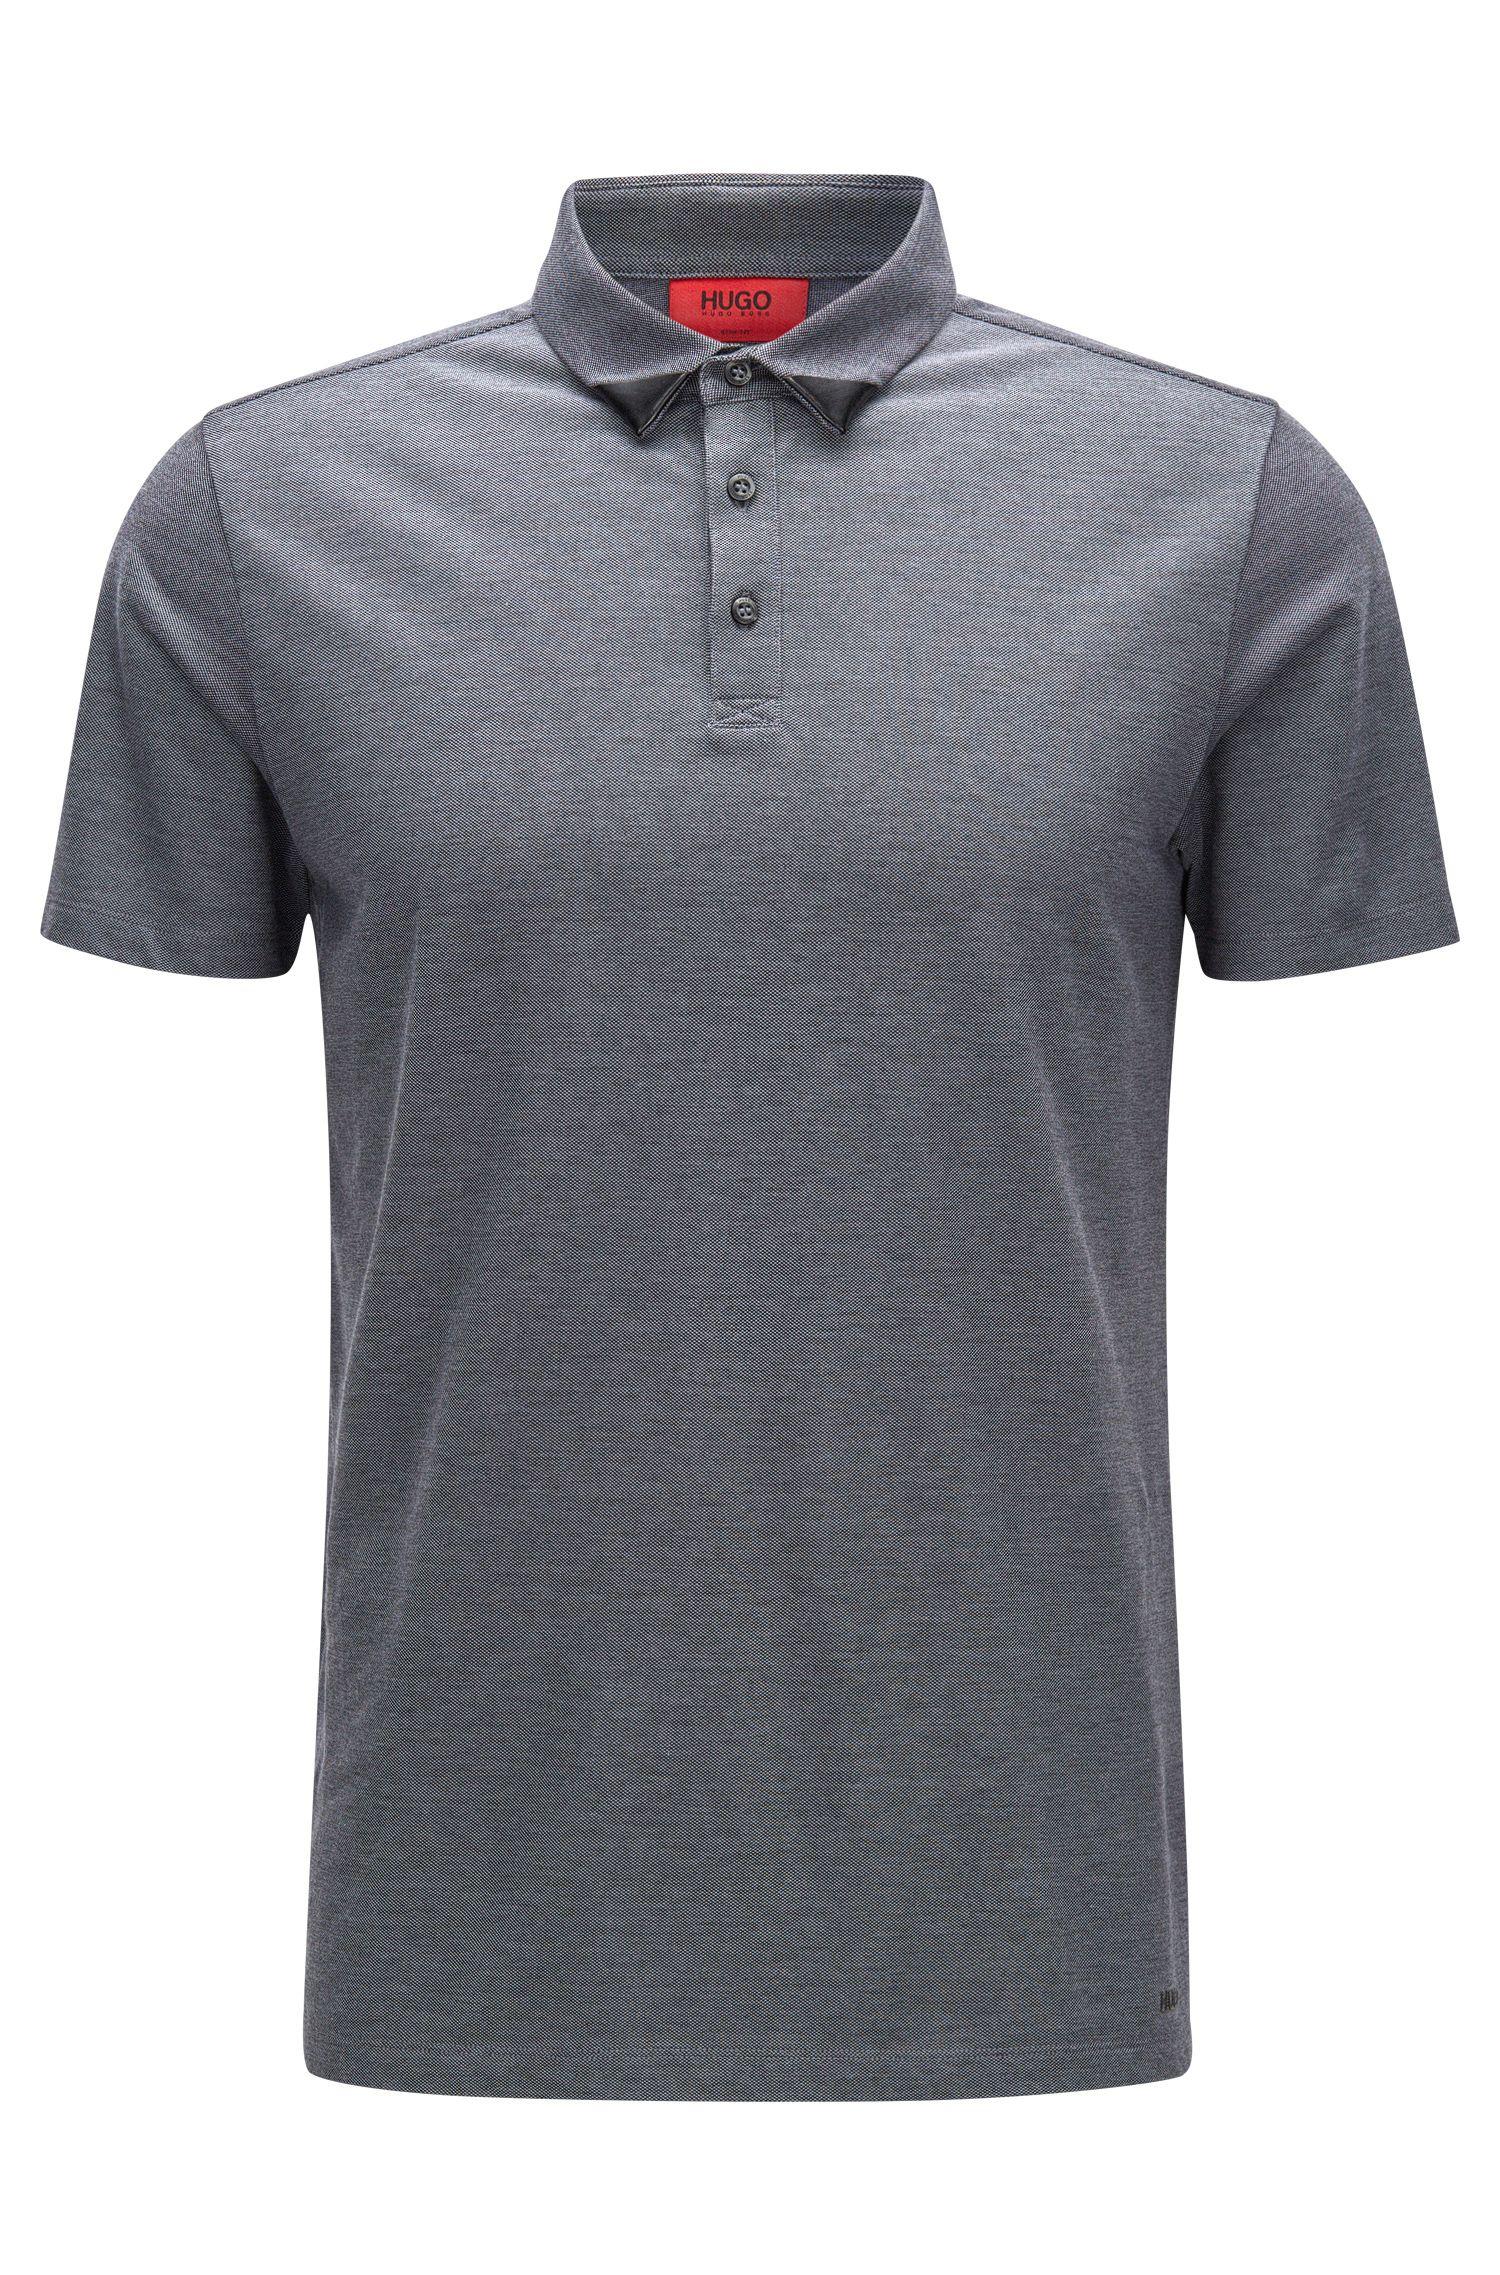 Zweifarbiges Slim-Fit Poloshirt aus Baumwoll-Piqué